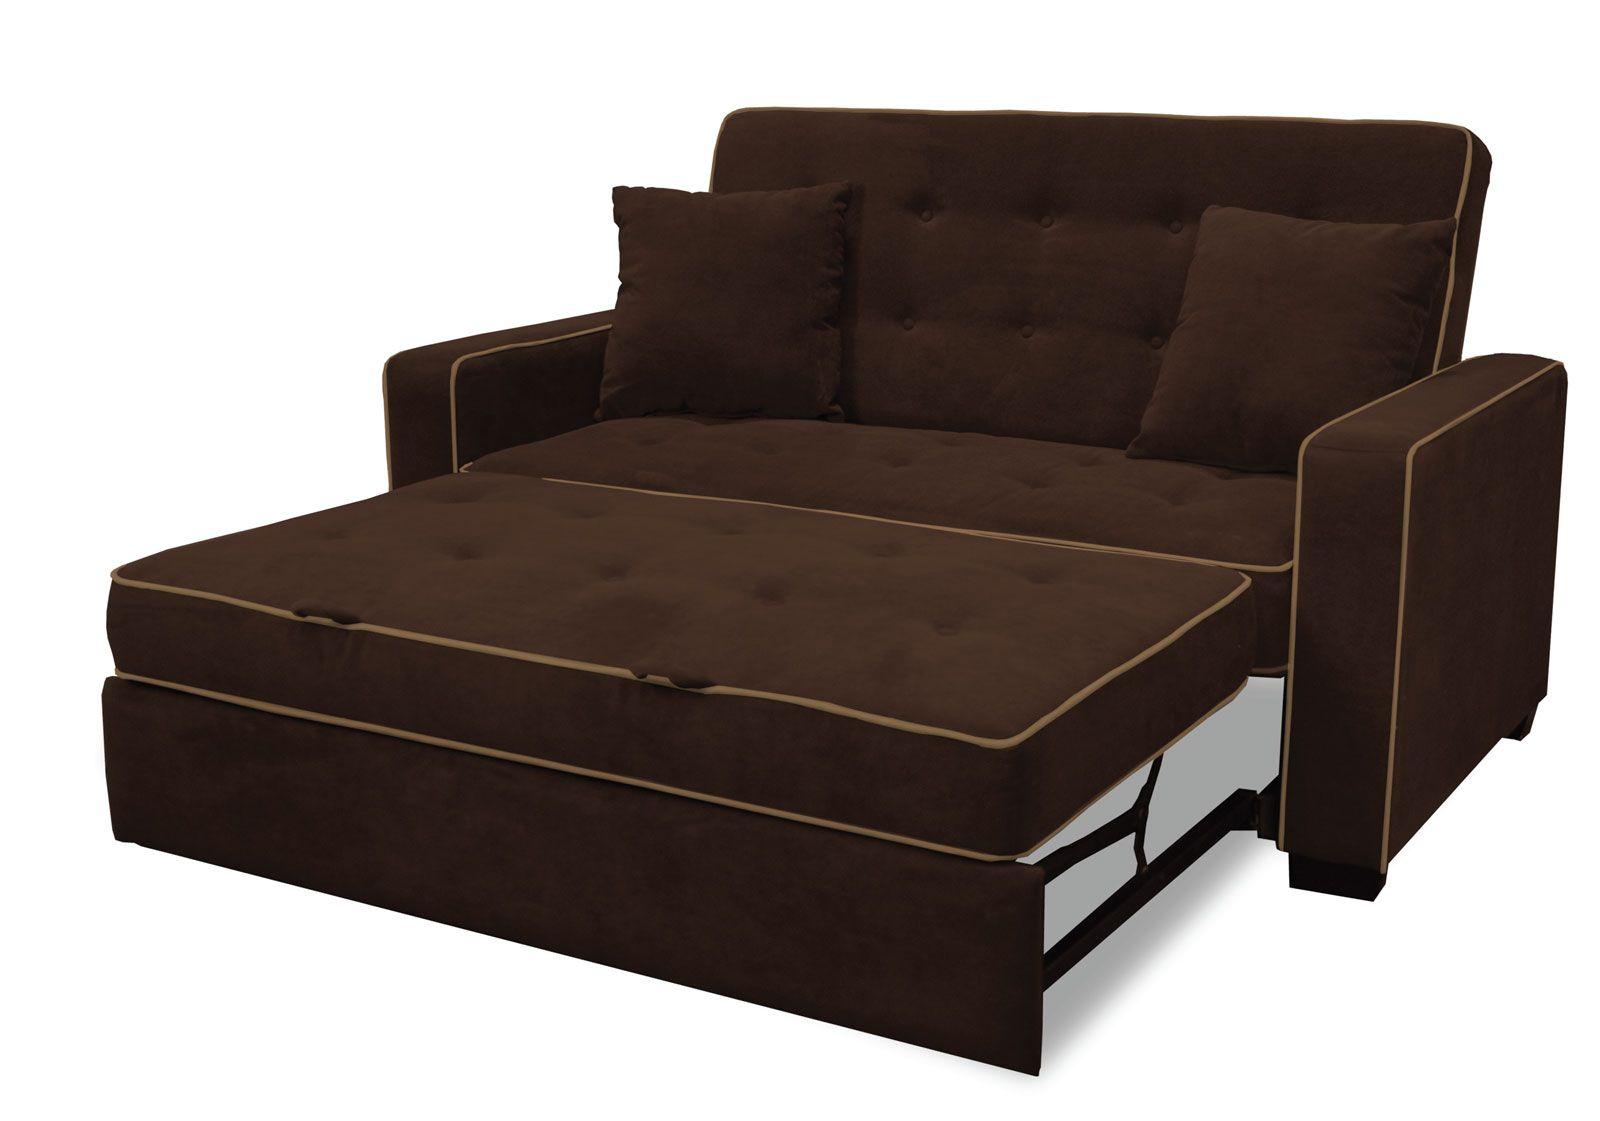 Sleeping Sofa Bed Loveseat Sleeper Sofa Sectional Sleeper Sofa